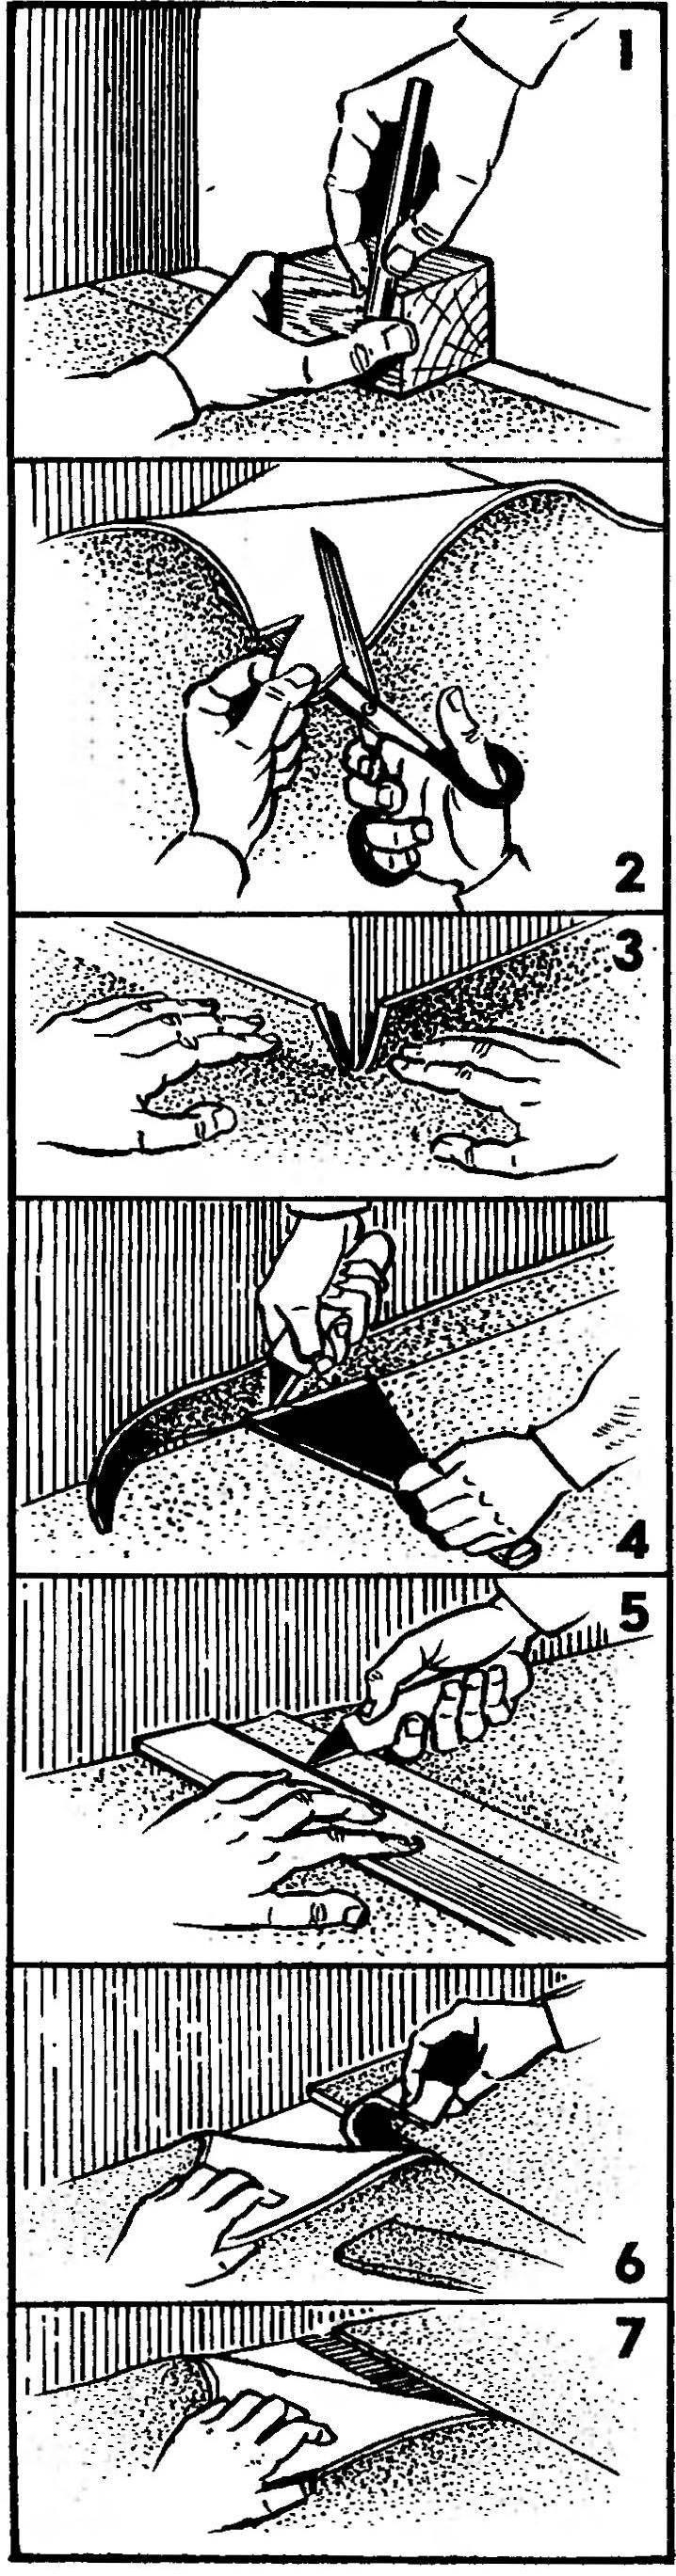 Последовательность операций по настилке линолеума